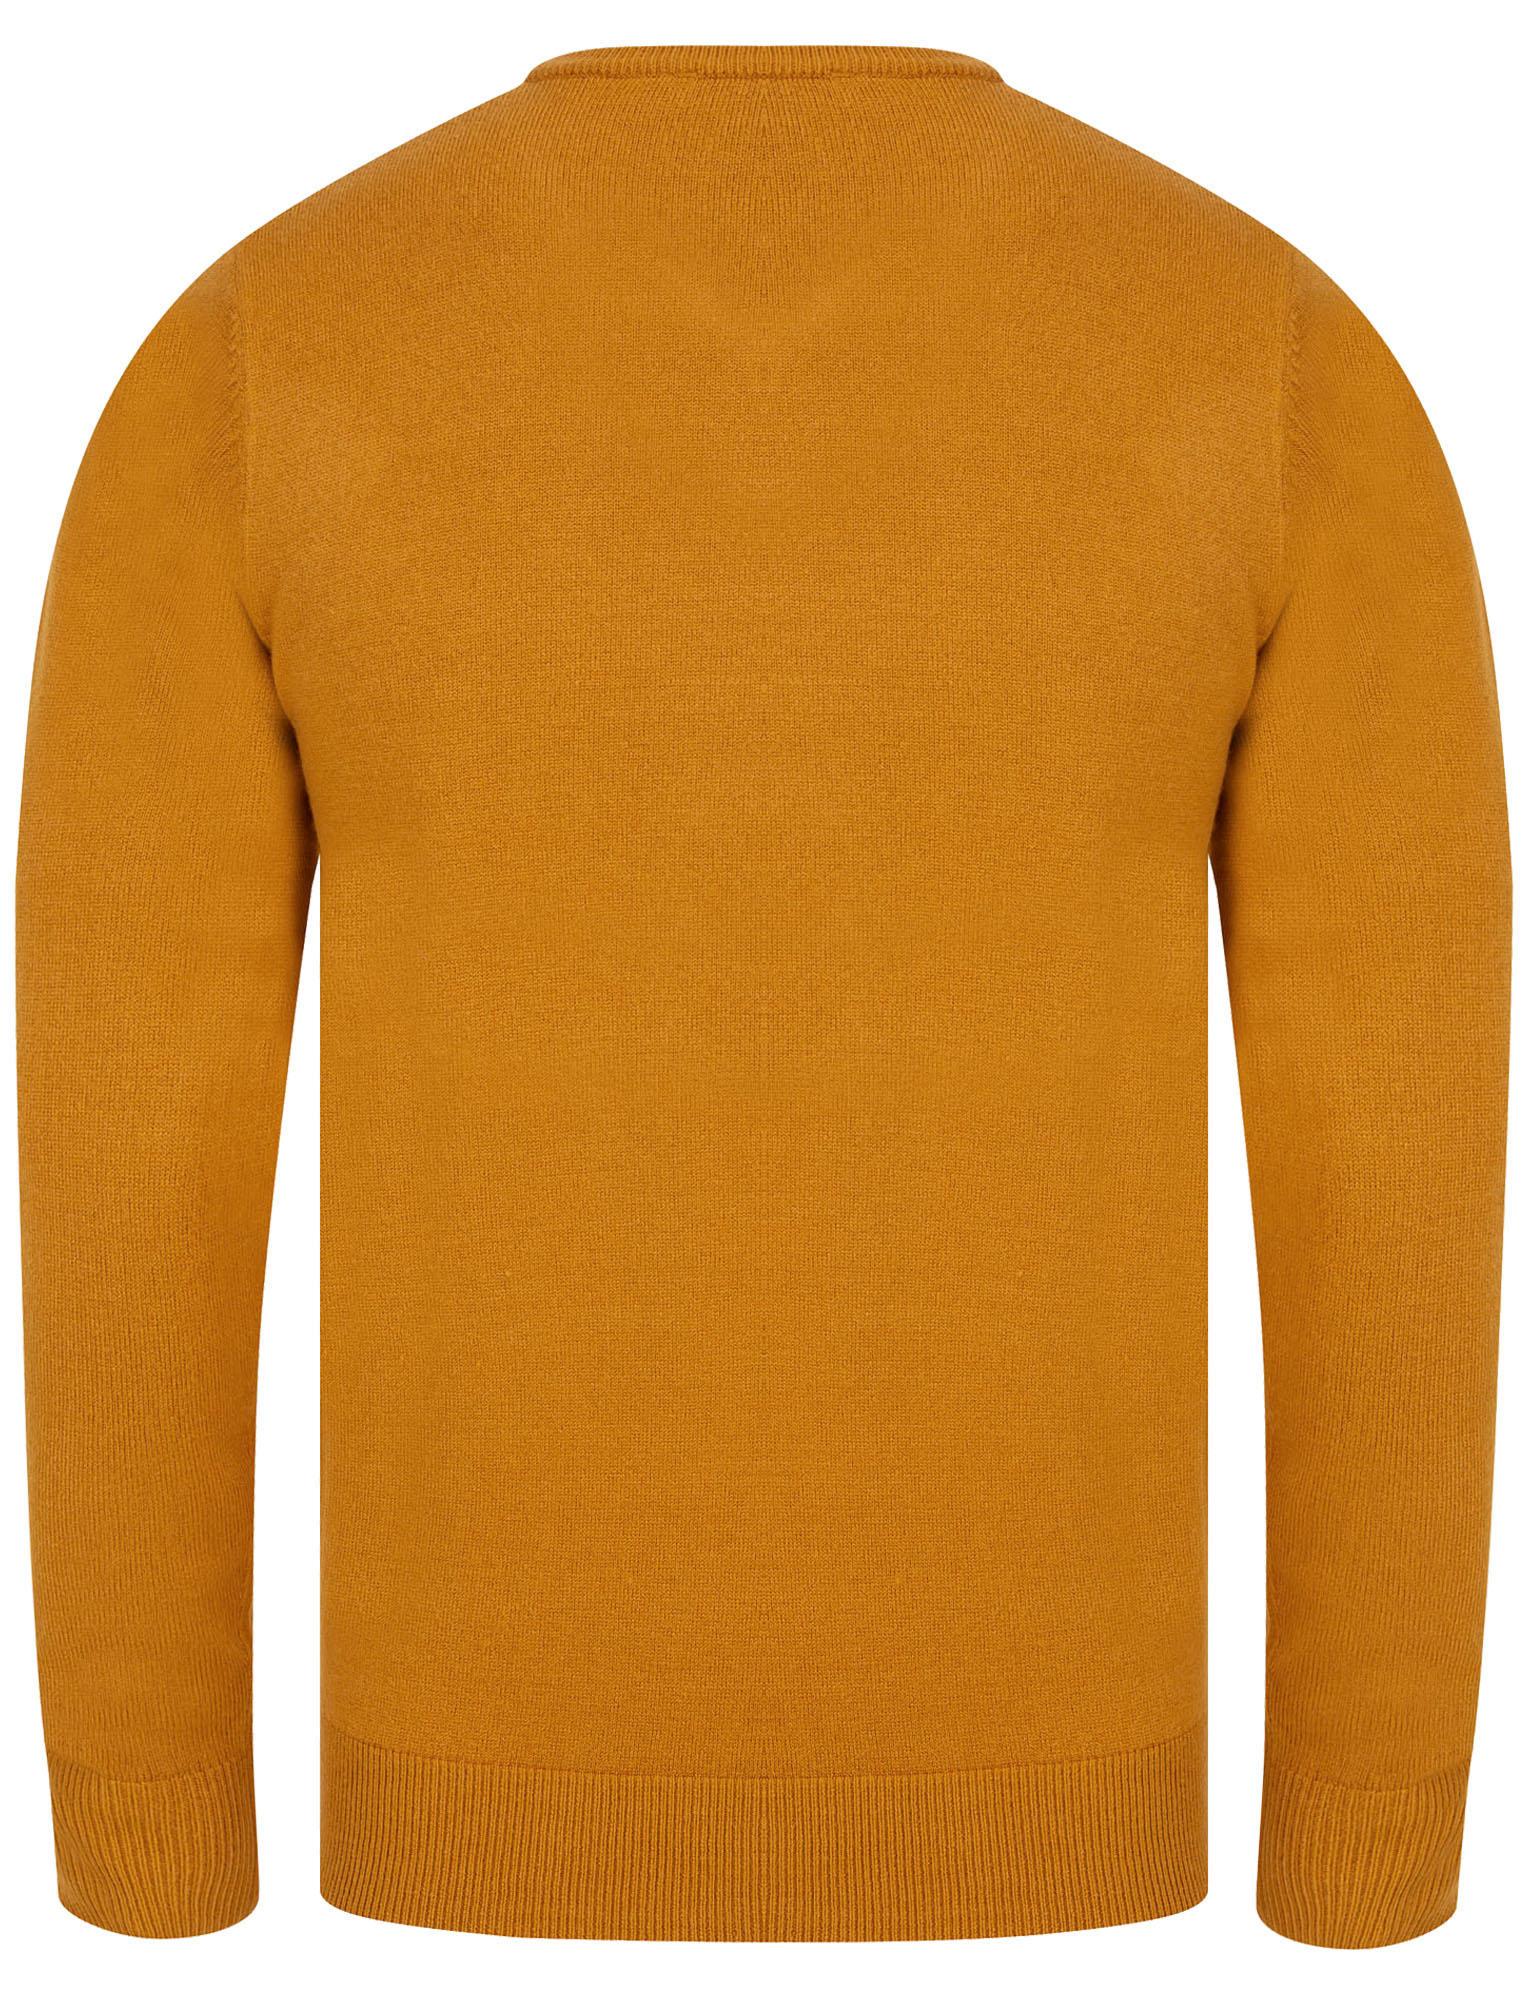 Kensington-Eastside-Men-039-s-Knitted-Crew-or-V-Neck-Jumper-Sweater-Top-Pullover thumbnail 104